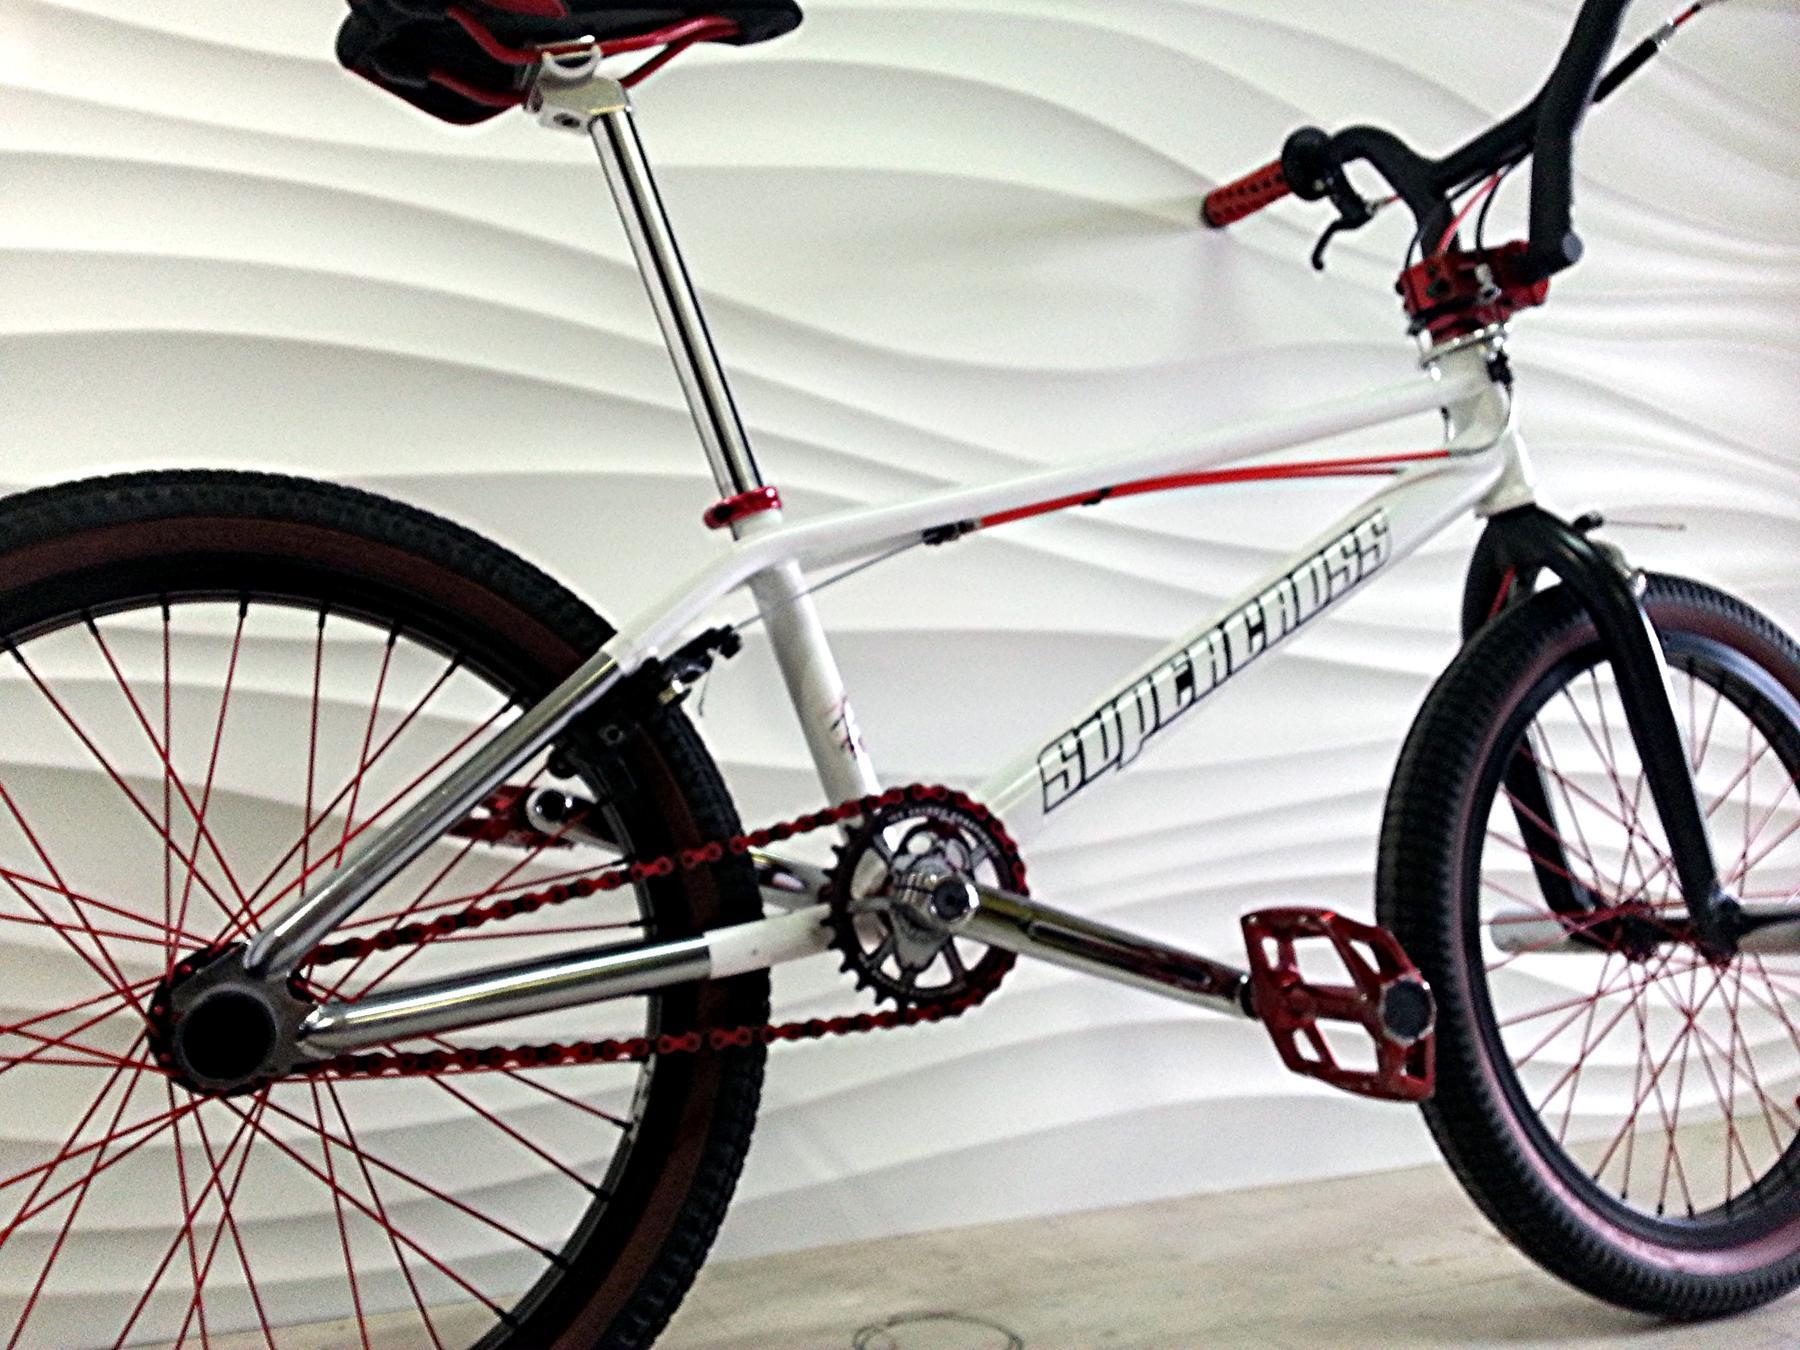 2012 Supercross Extension II - BMXmuseum.com